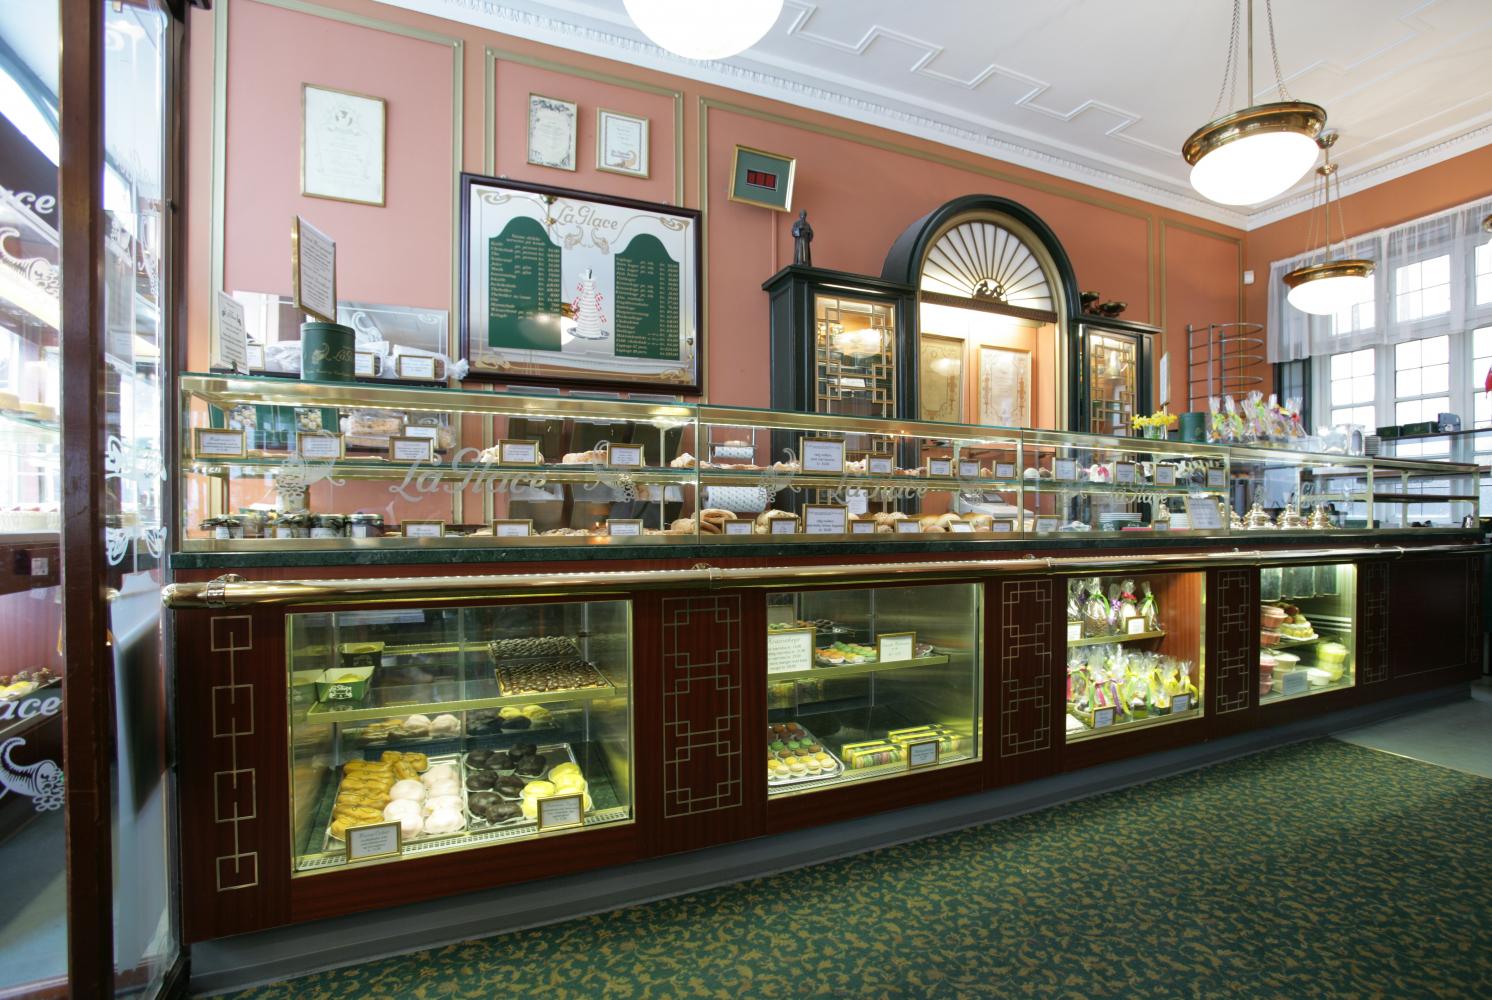 691 - Mangler du inventar til en bagerbutik?